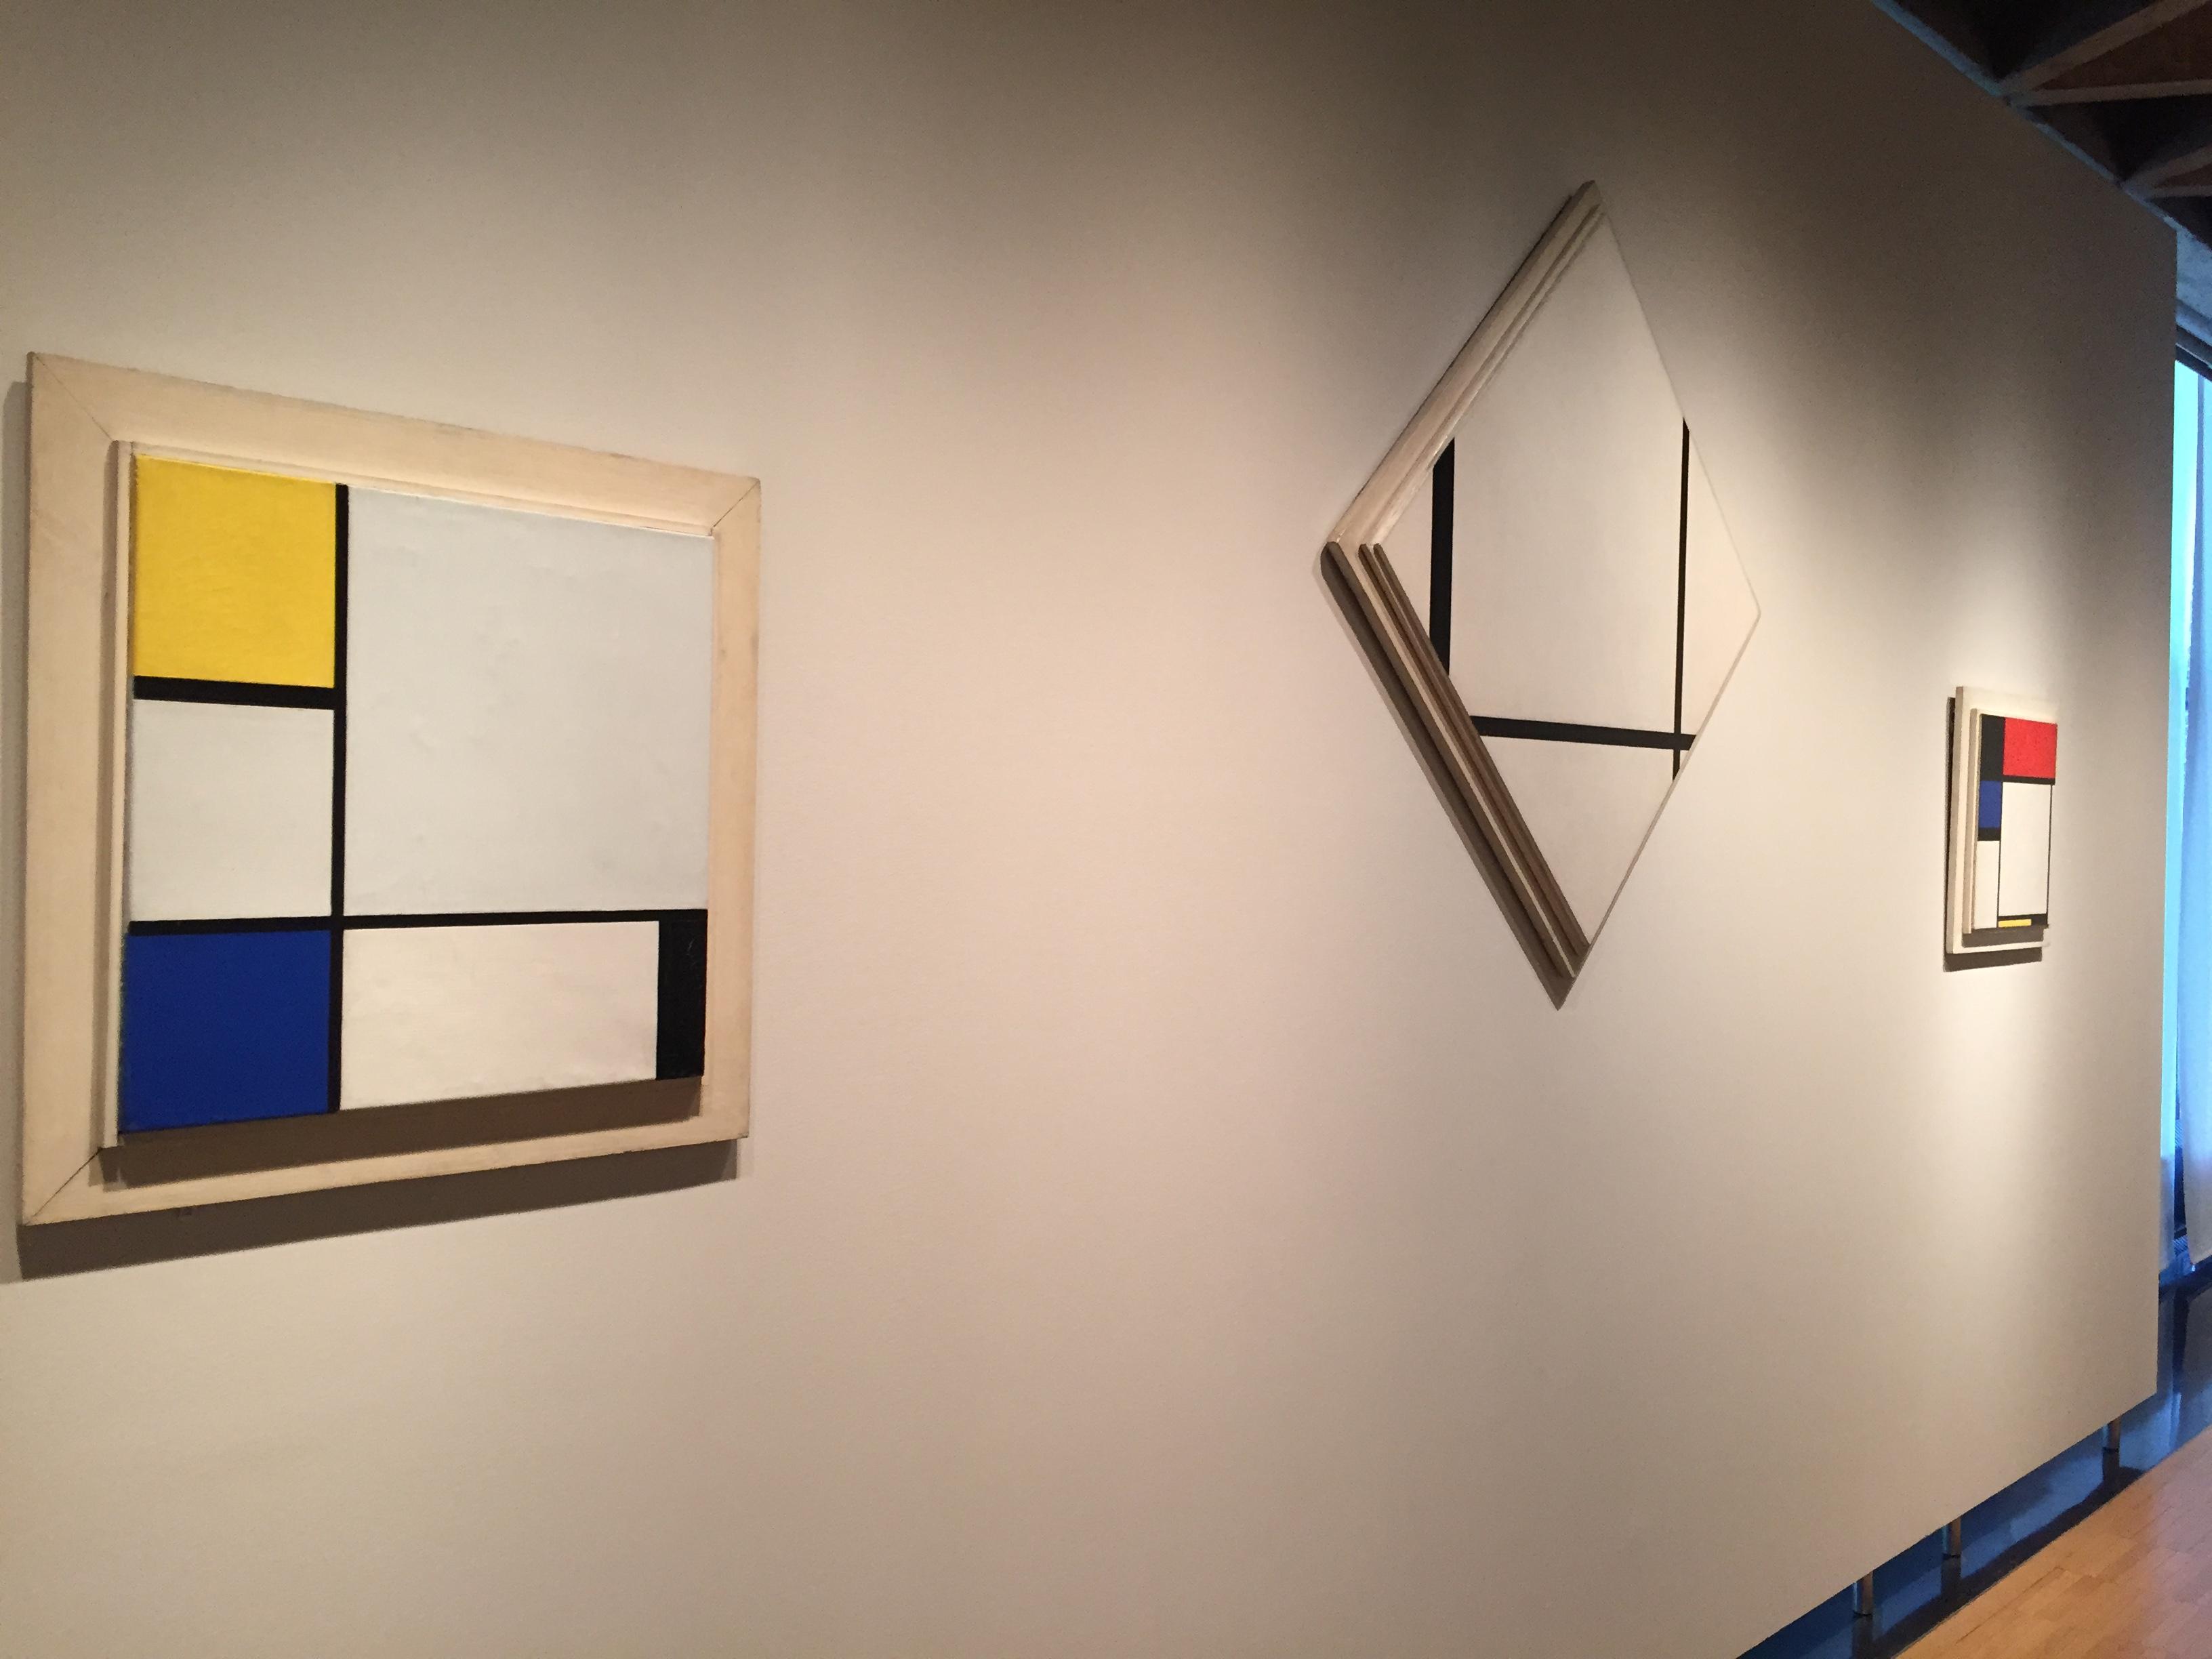 Yale art gallery 5